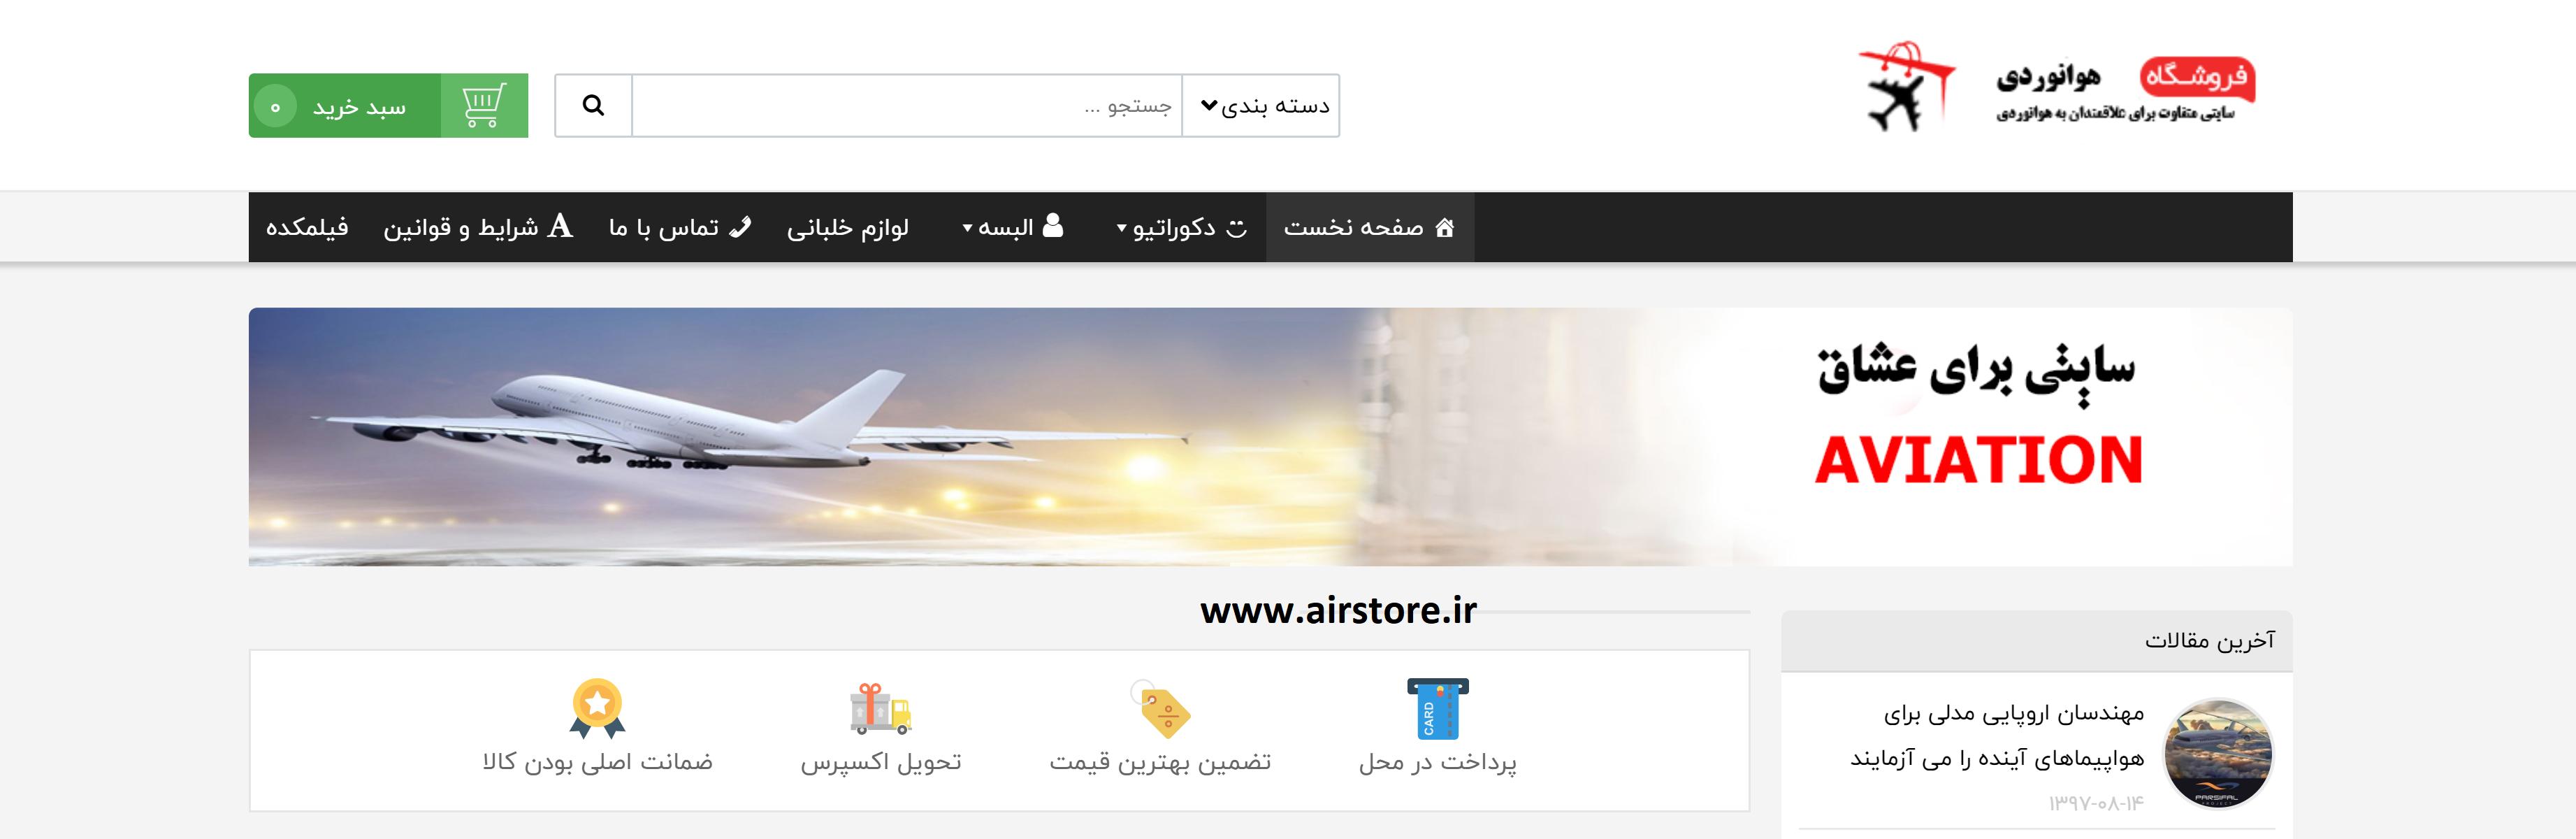 طراحی سایت فروشگاه اینترنتی airstore